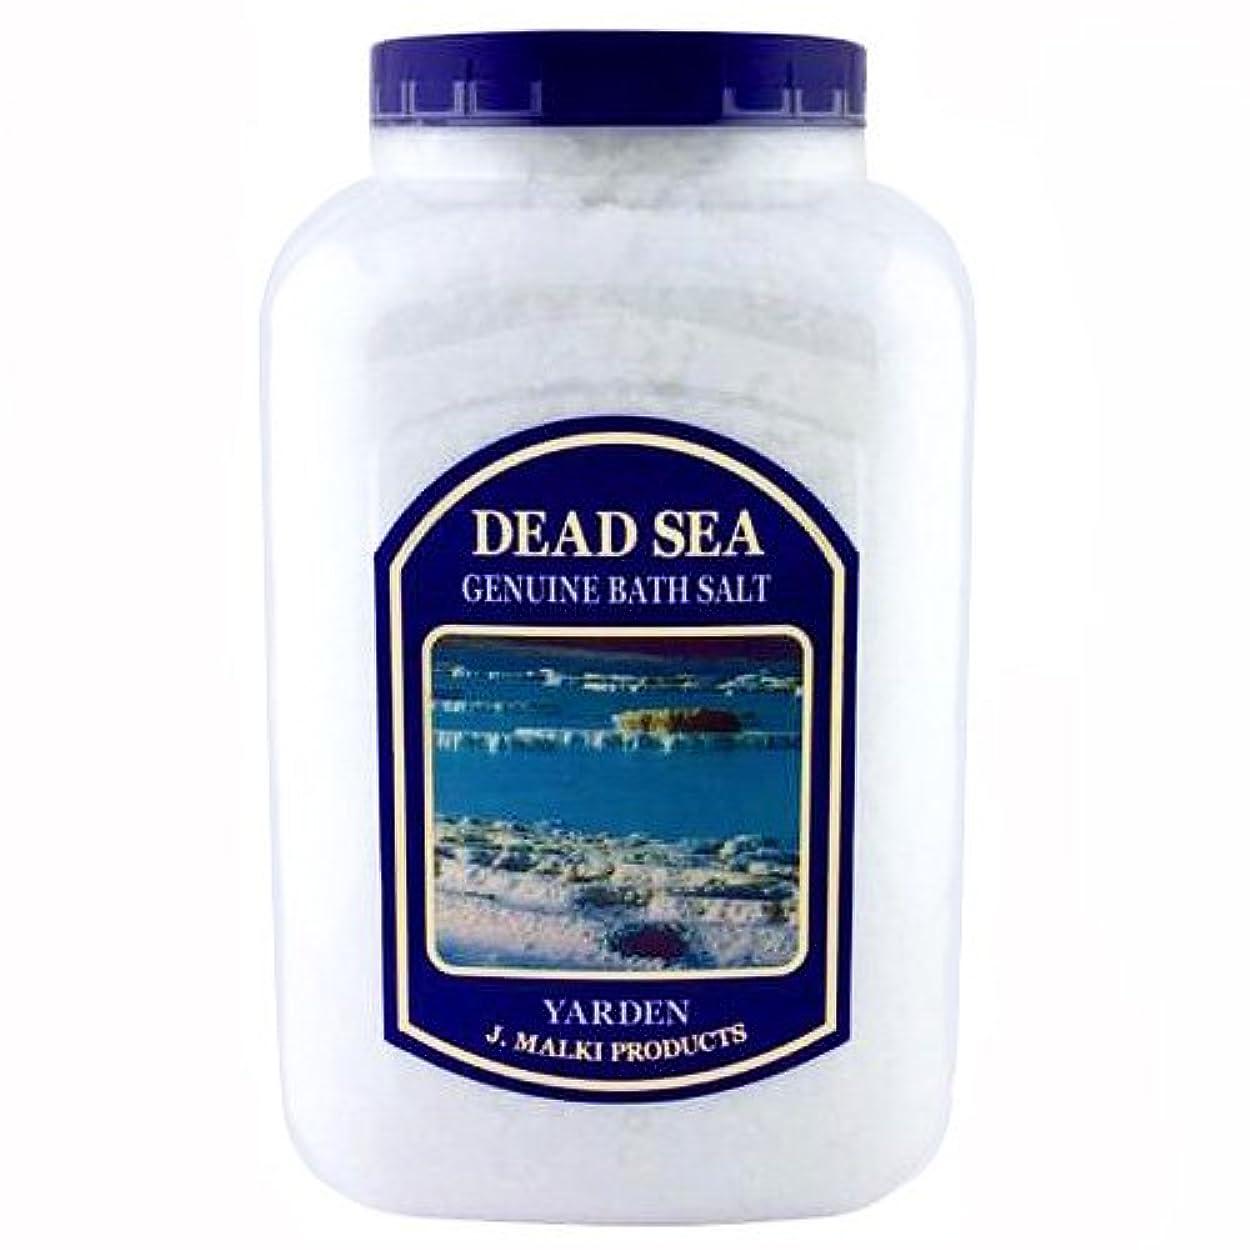 プロフィール贅沢ななかなかデッドシー?バスソルト 4.5kg(約45回分)【DEAD SEA BATH SALT】死海の塩/入浴剤(入浴用化粧品)【正規販売店】